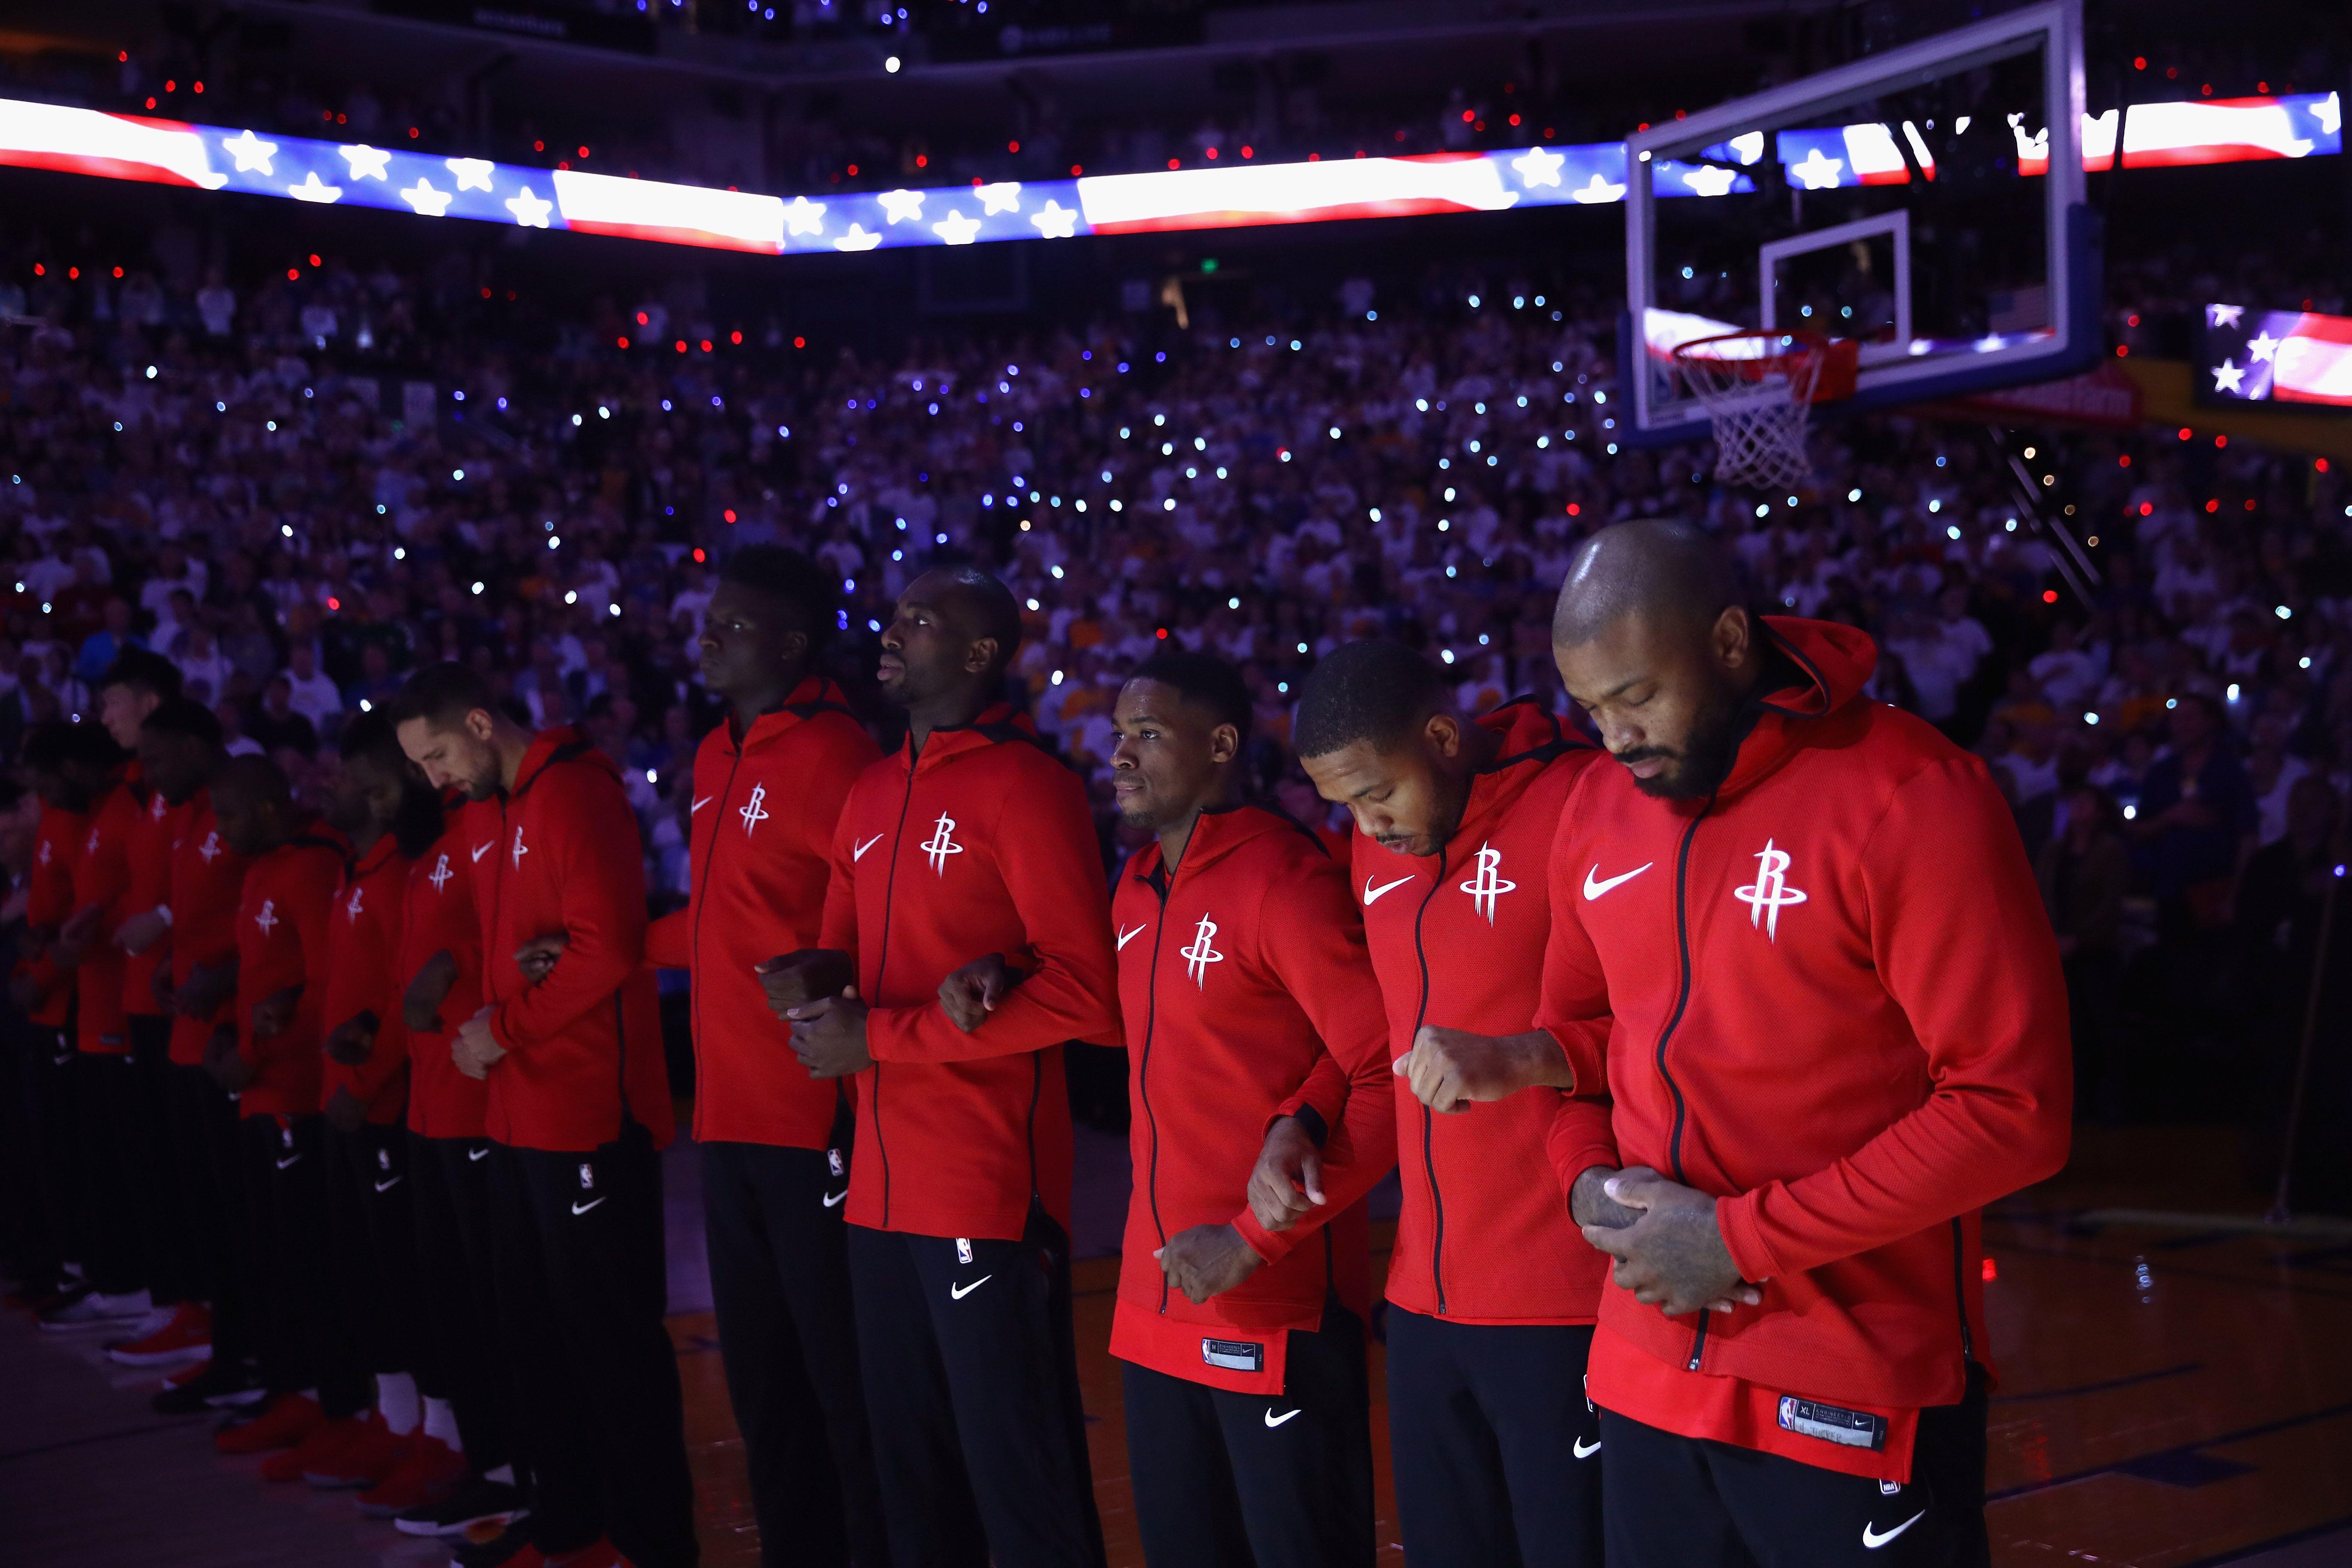 The Houston Rockets